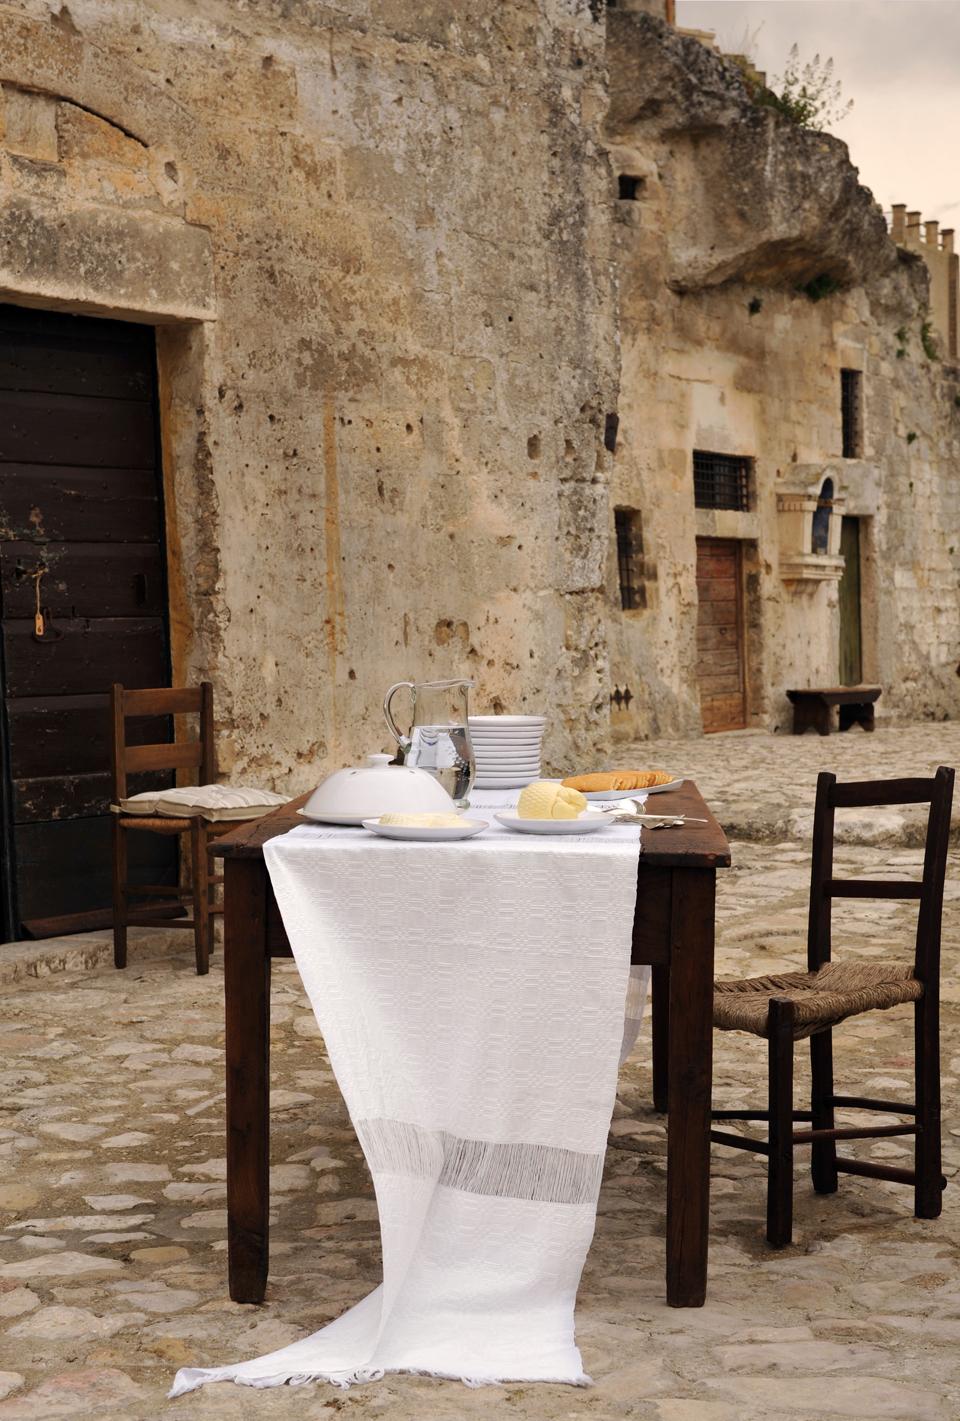 sextantio-della-civita-abandoned-cave-hotel-by-Daniele-Kihlgren-9